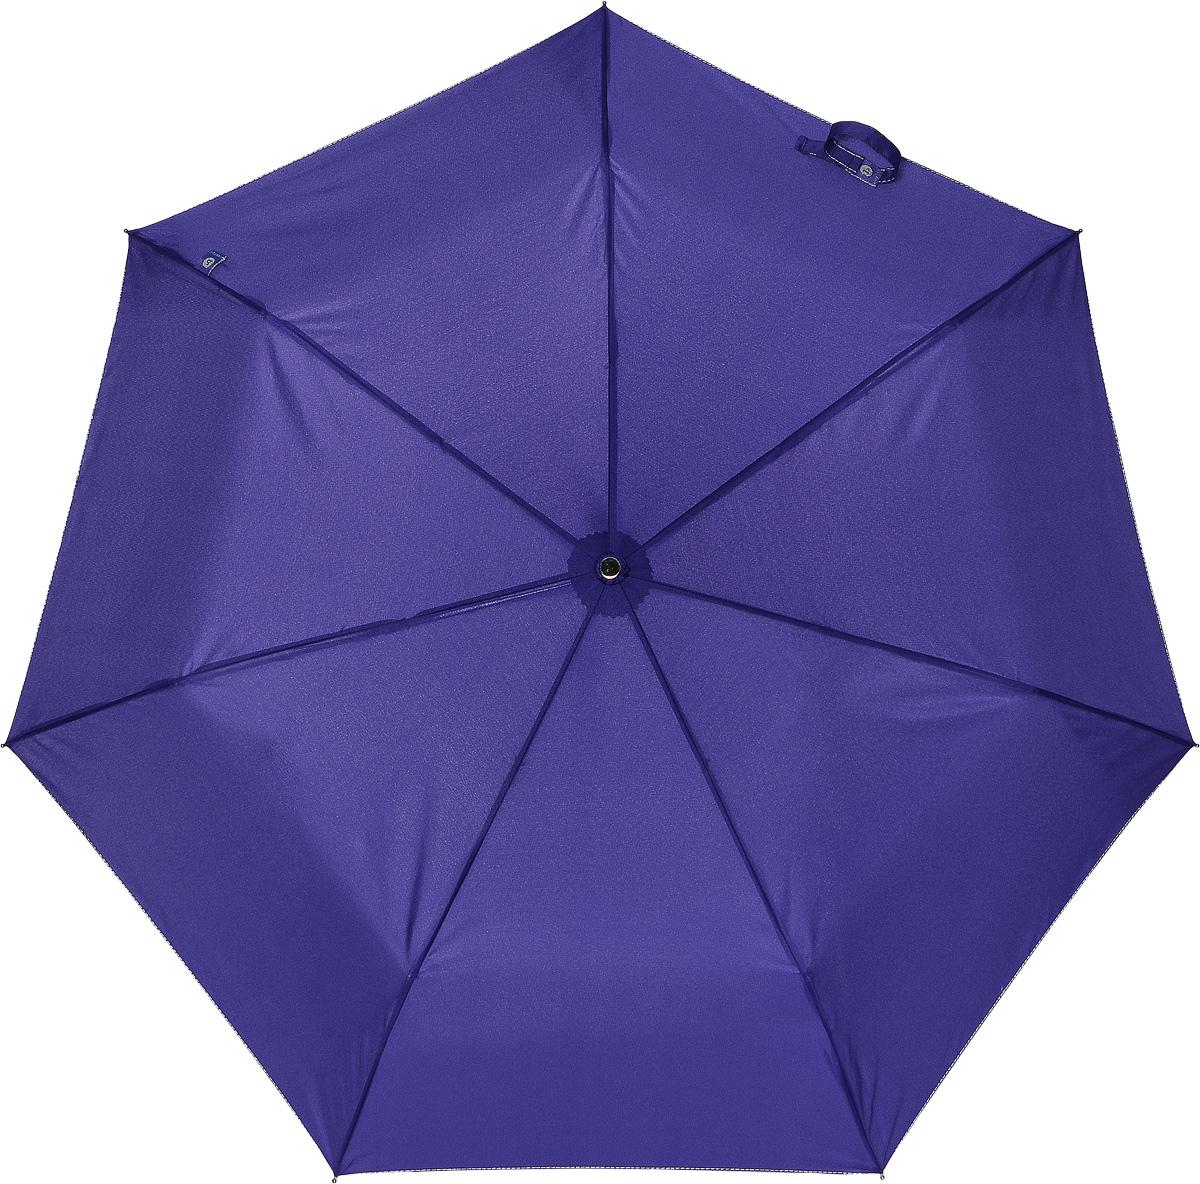 Bisetti 3580-4 Зонт полный автом. 3 сл. жен.45100032/35449/3537AЗонт испанского производителя Clima. В производстве зонтов используются современные материалы, что делает зонты легкими, но в то же время крепкими.Полный автомат, 3 сложения, 8 спиц по 54см, полиэстер.